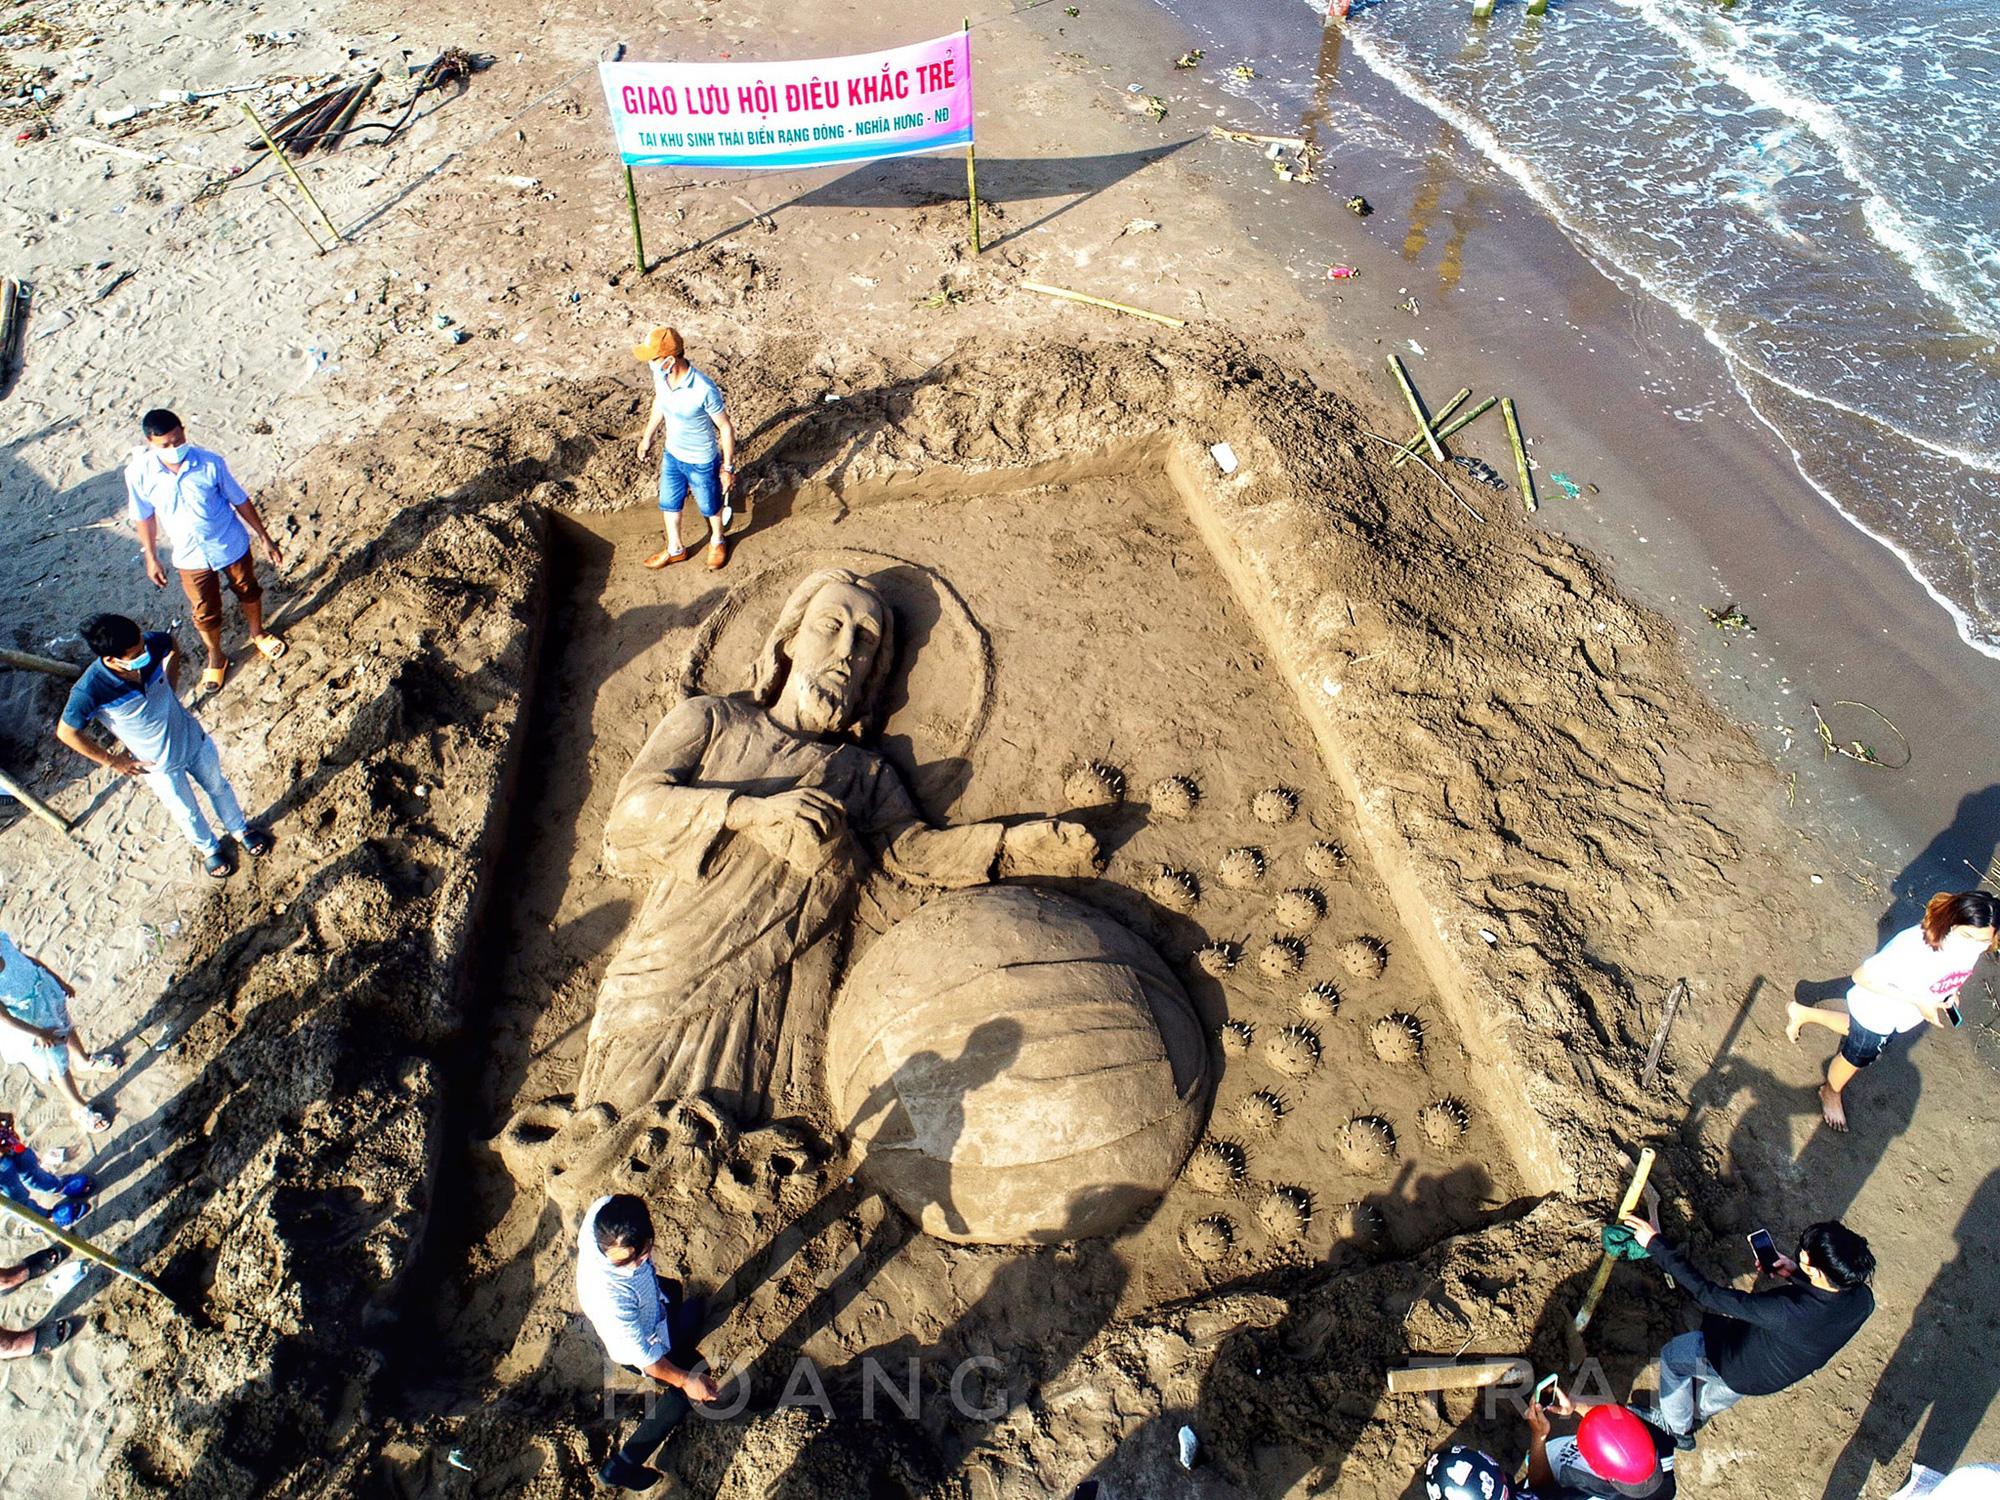 """Nam Định: Độc đáo tác phẩm """"Chúa sẽ che chở cho thế giới thoát khỏi đại dịch Covid-19"""" trên bãi biển - Ảnh 3."""